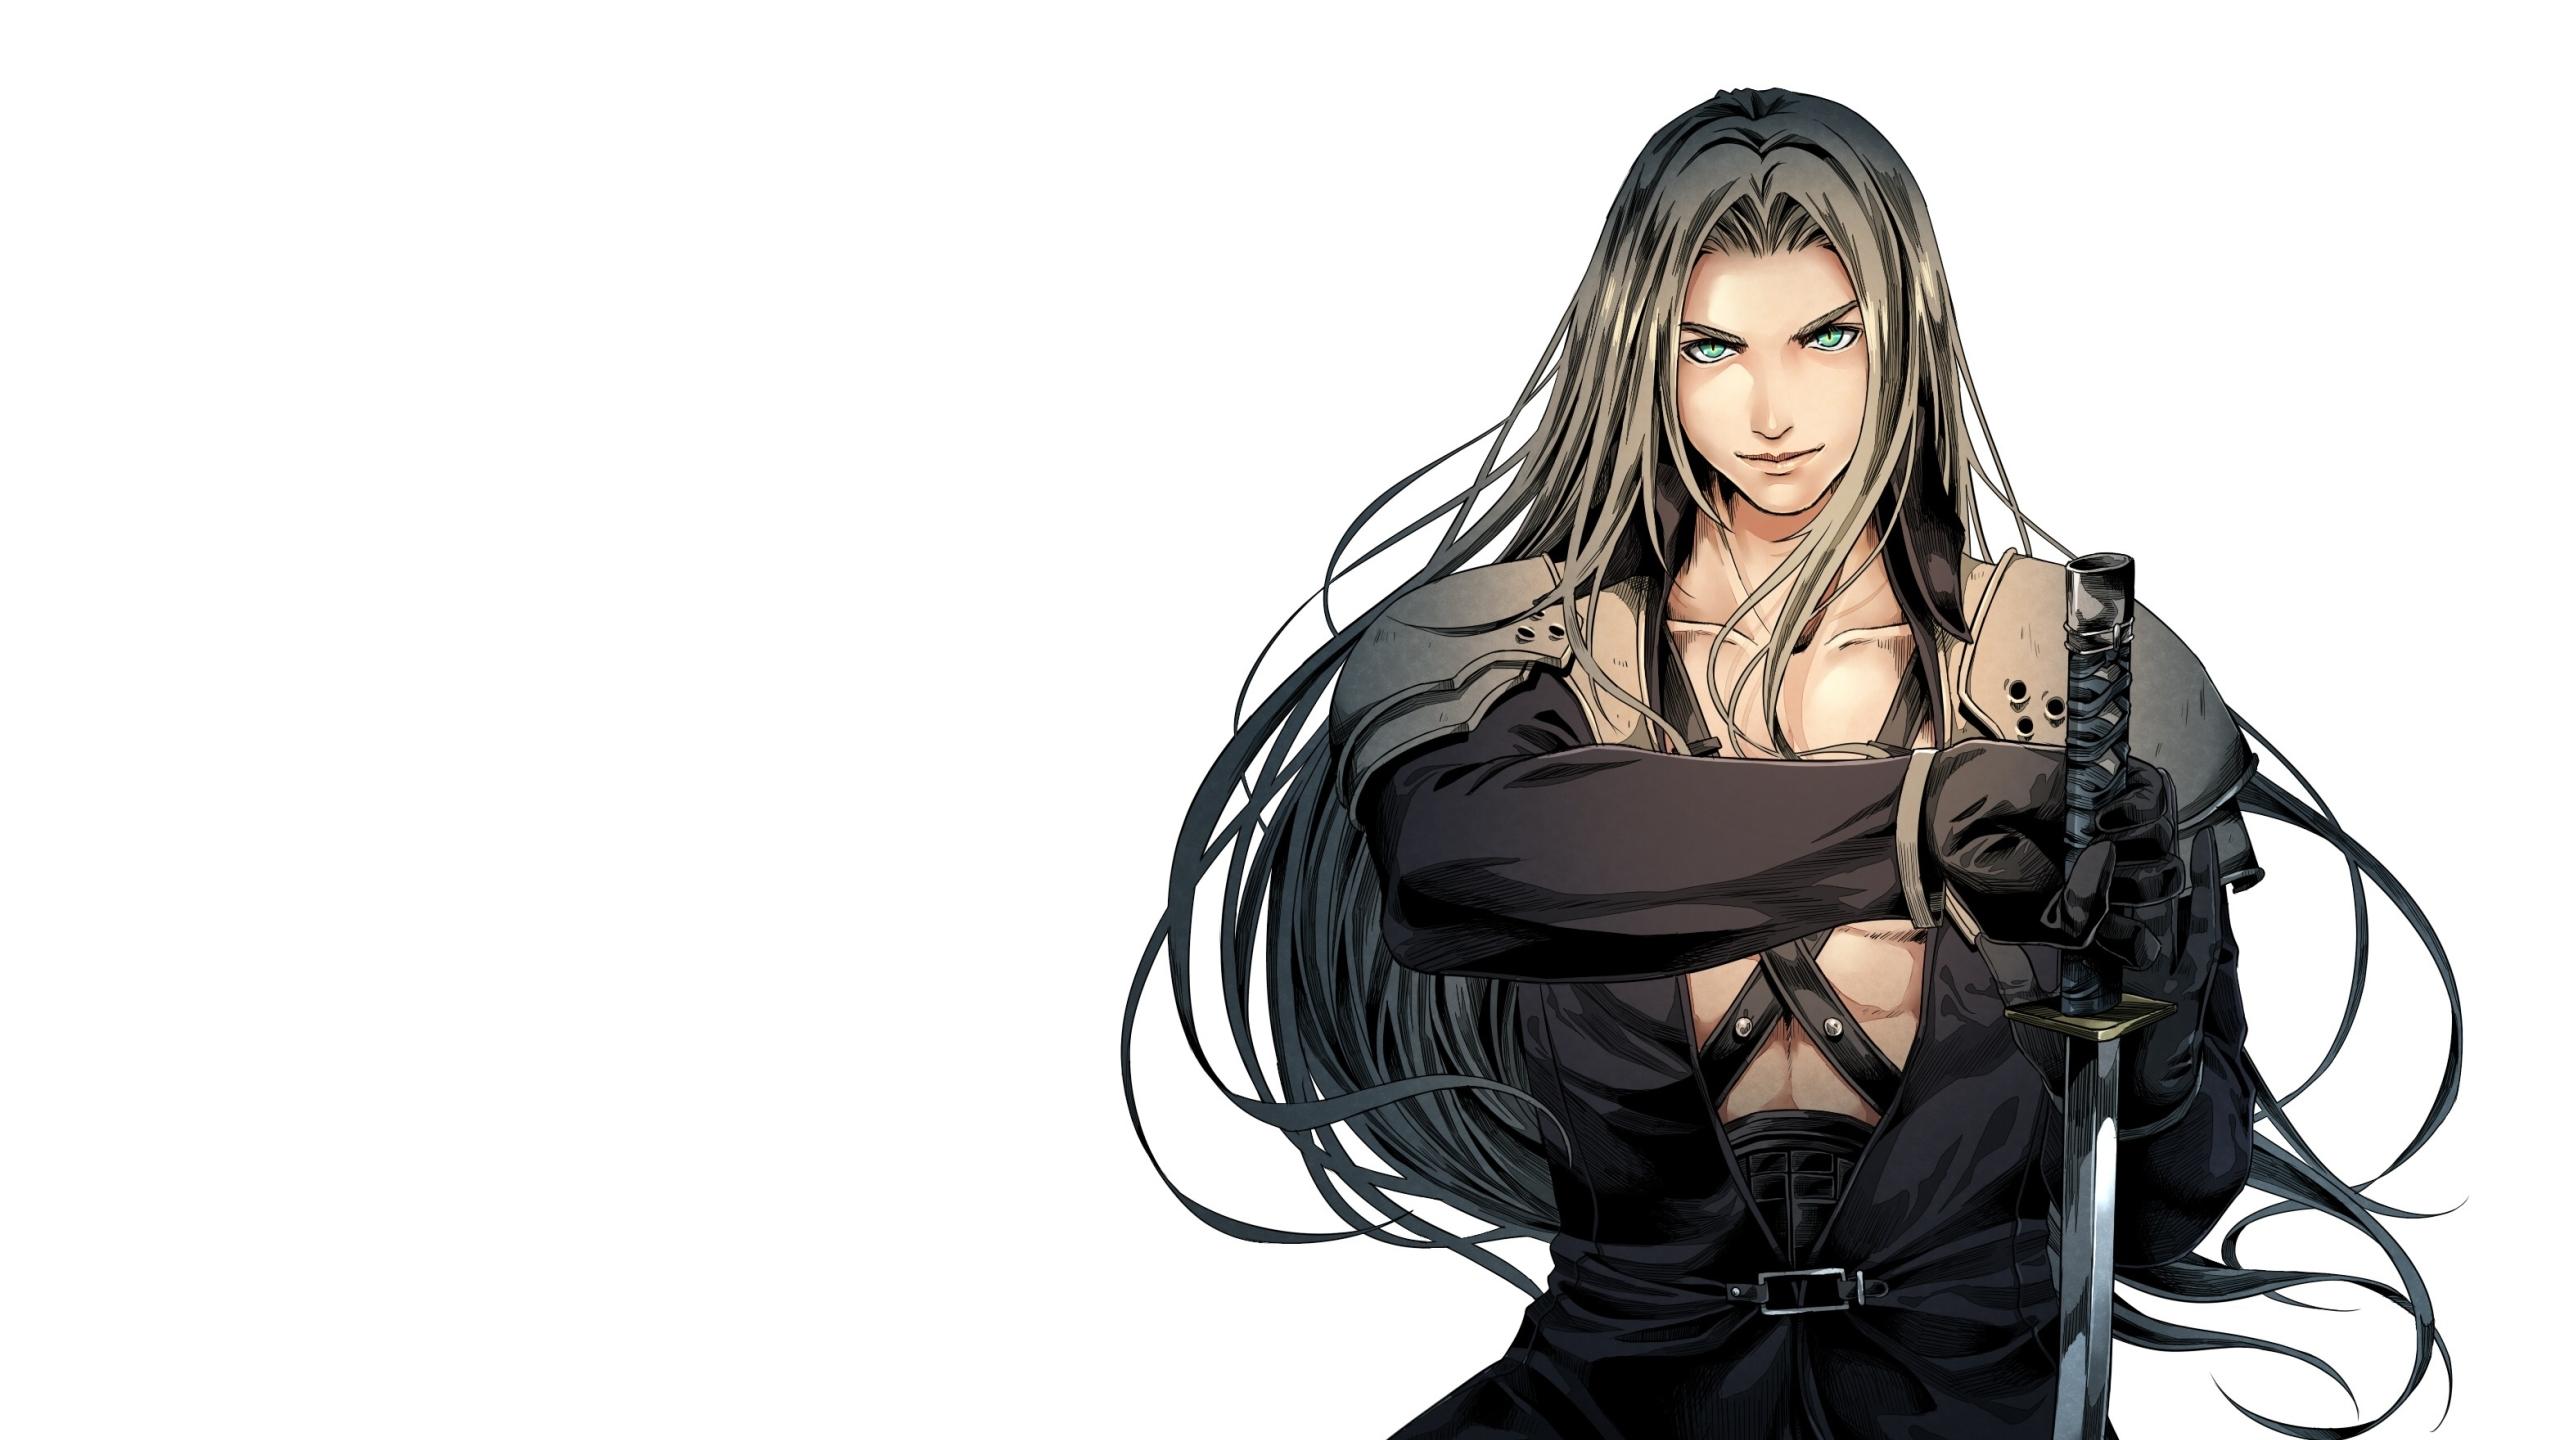 2560x1440 Sephiroth Final Fantasy 1440P